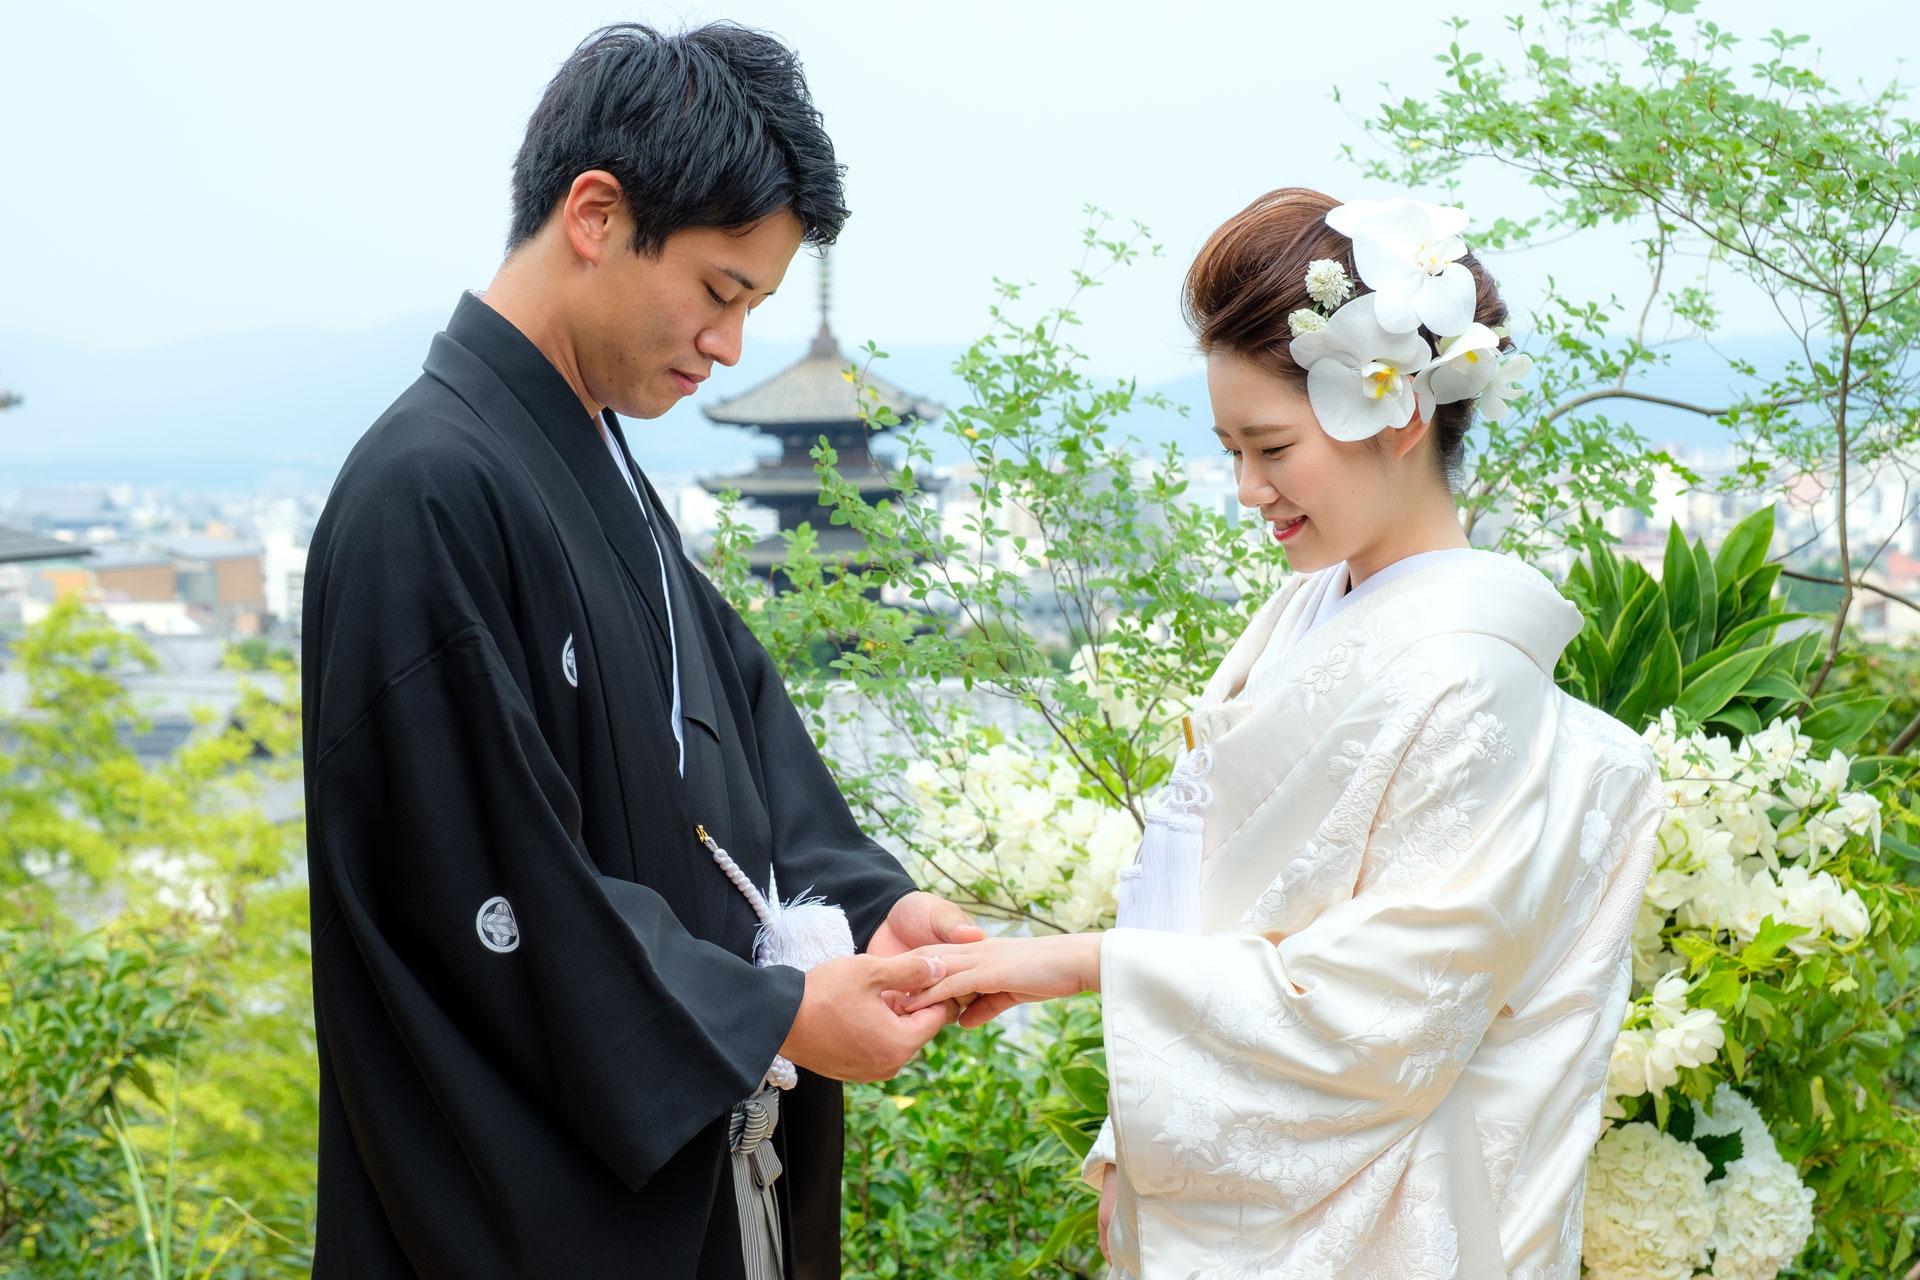 八坂の塔を背景に、花婿が花嫁に指輪を贈る写真